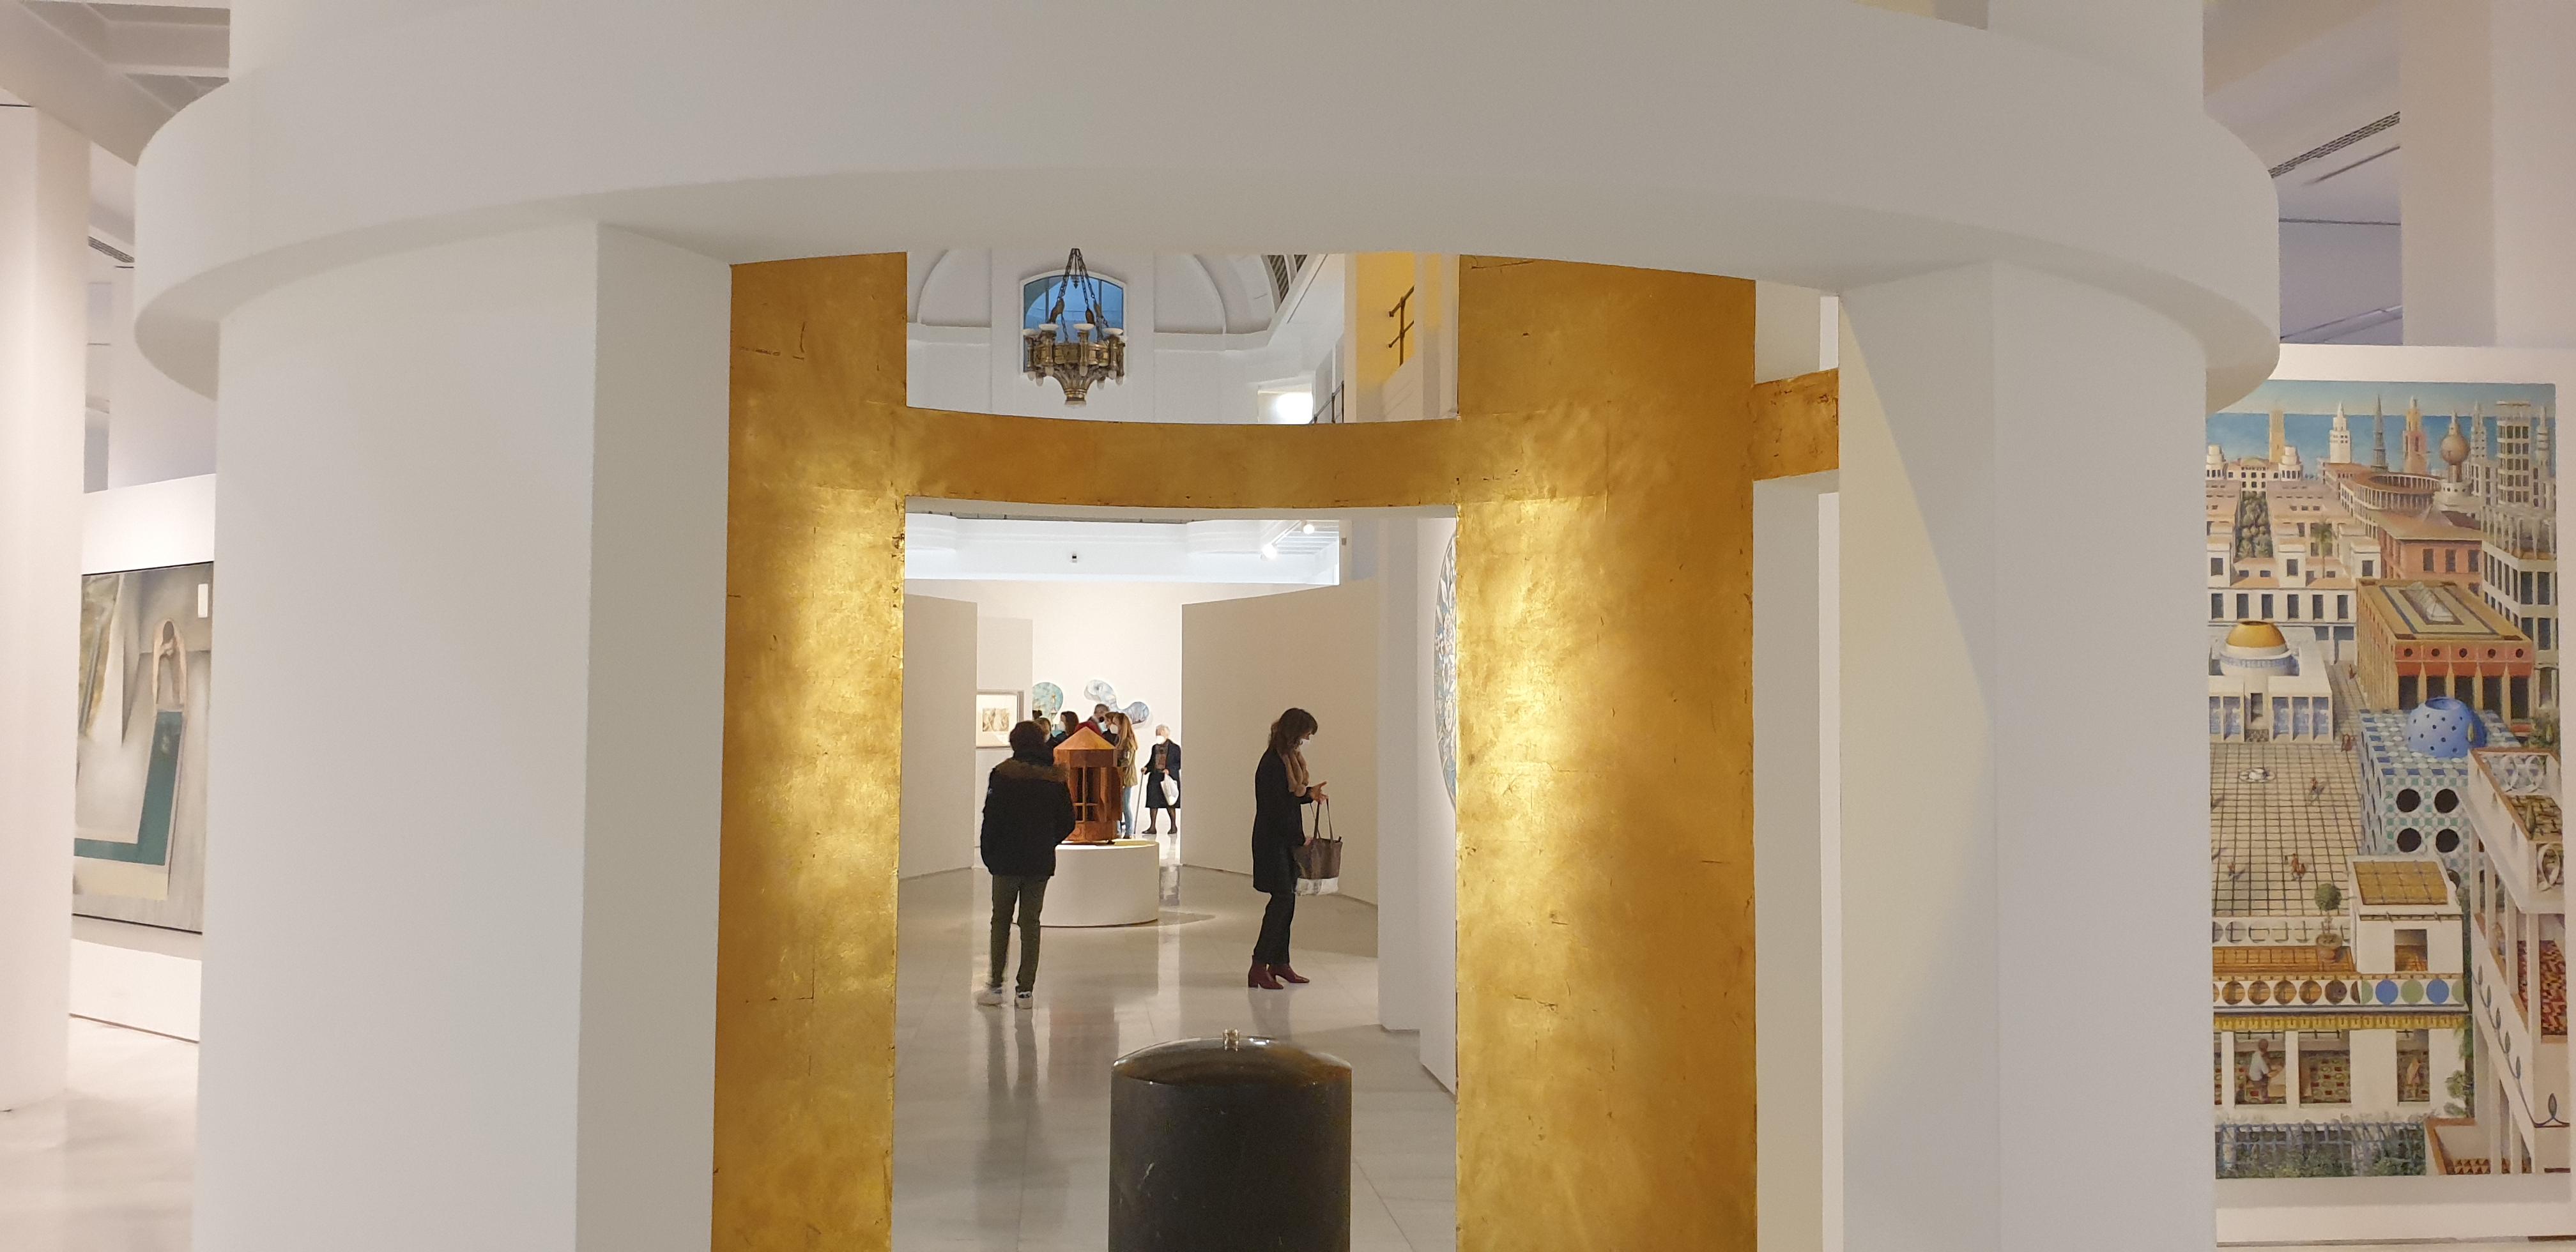 guillermo perez villalta,alcala 31, exposicion,labirinto,madrid,pintos,dibujante,Photografia,Garbade